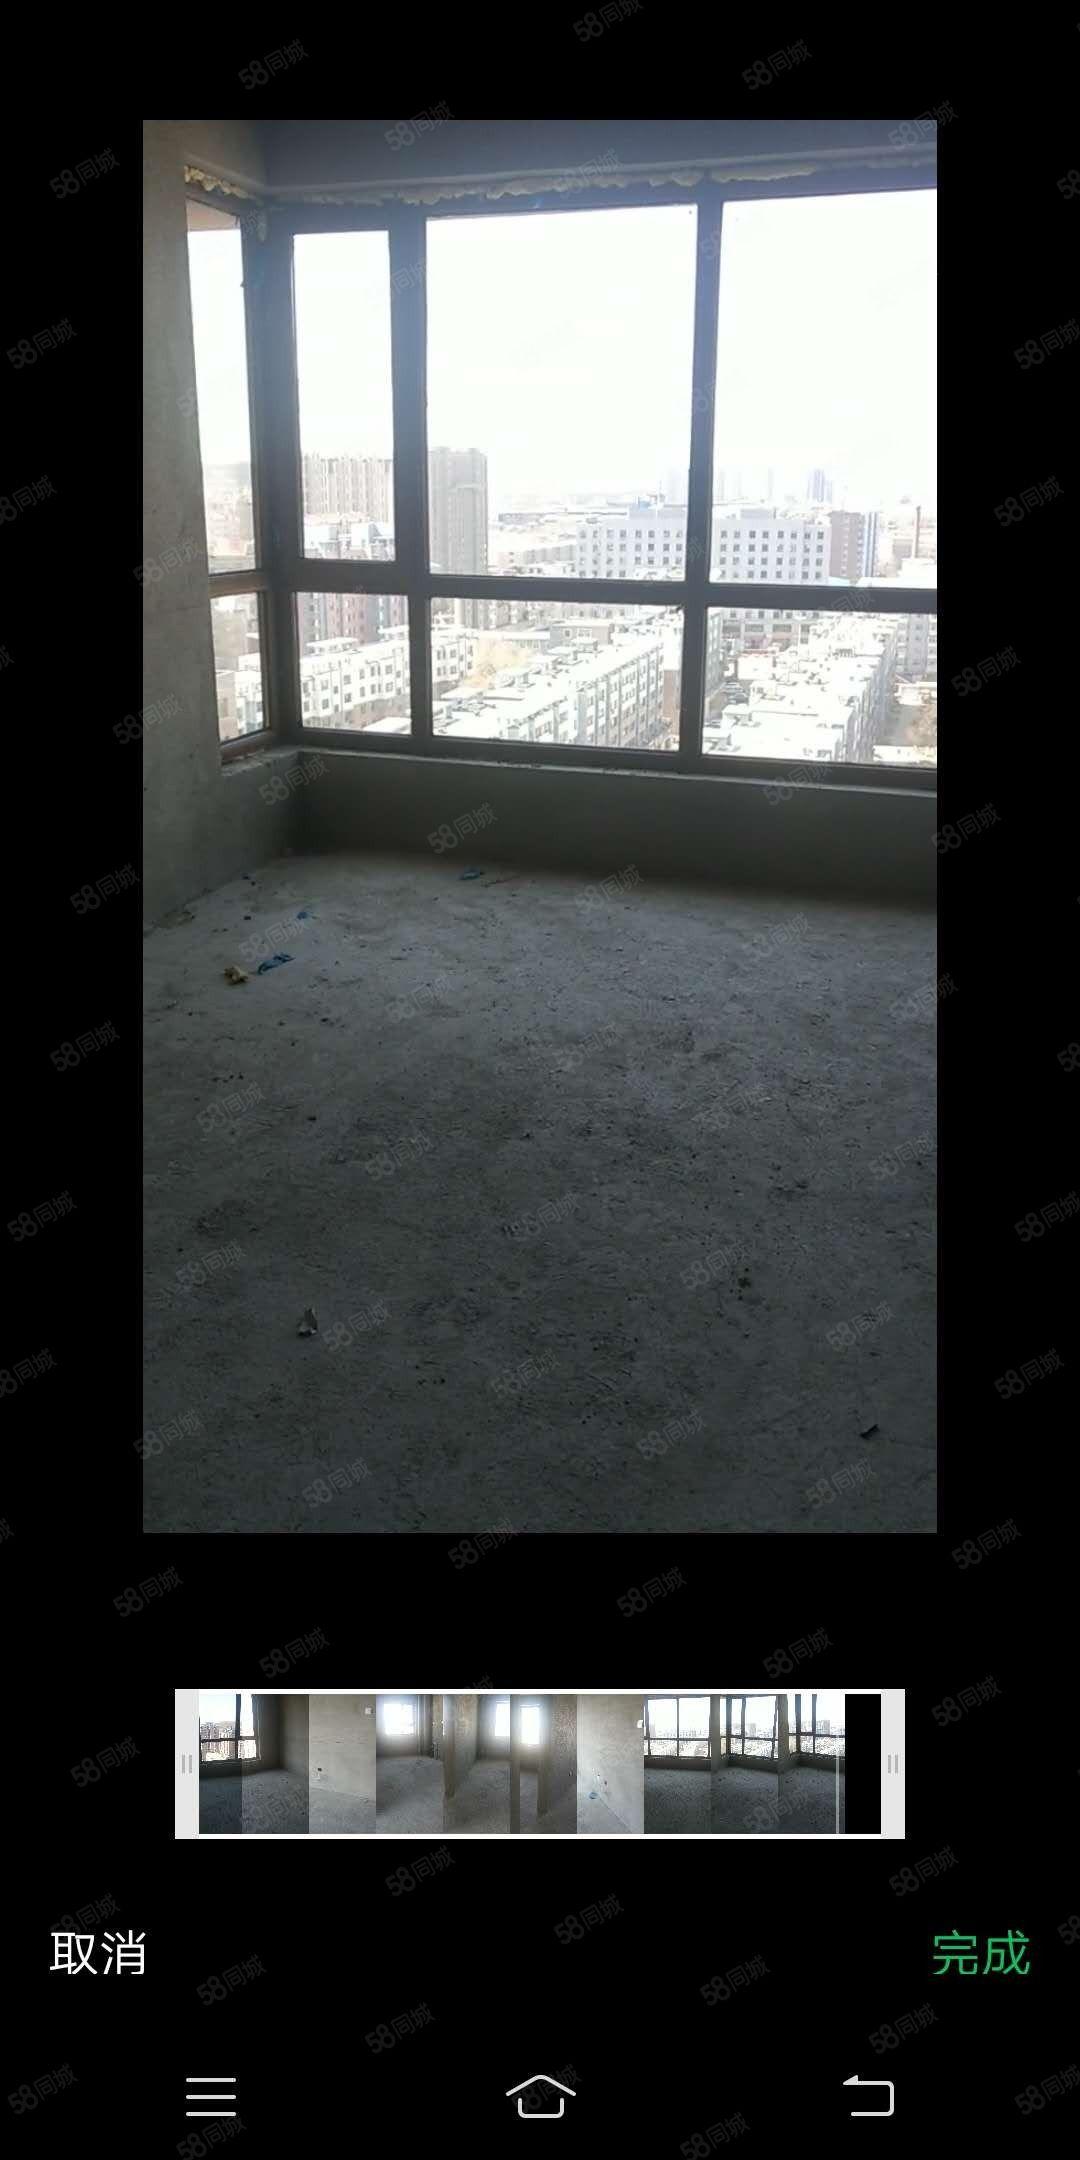 星华家园电梯楼,14楼,毛坯房,价格不贵,大客厅